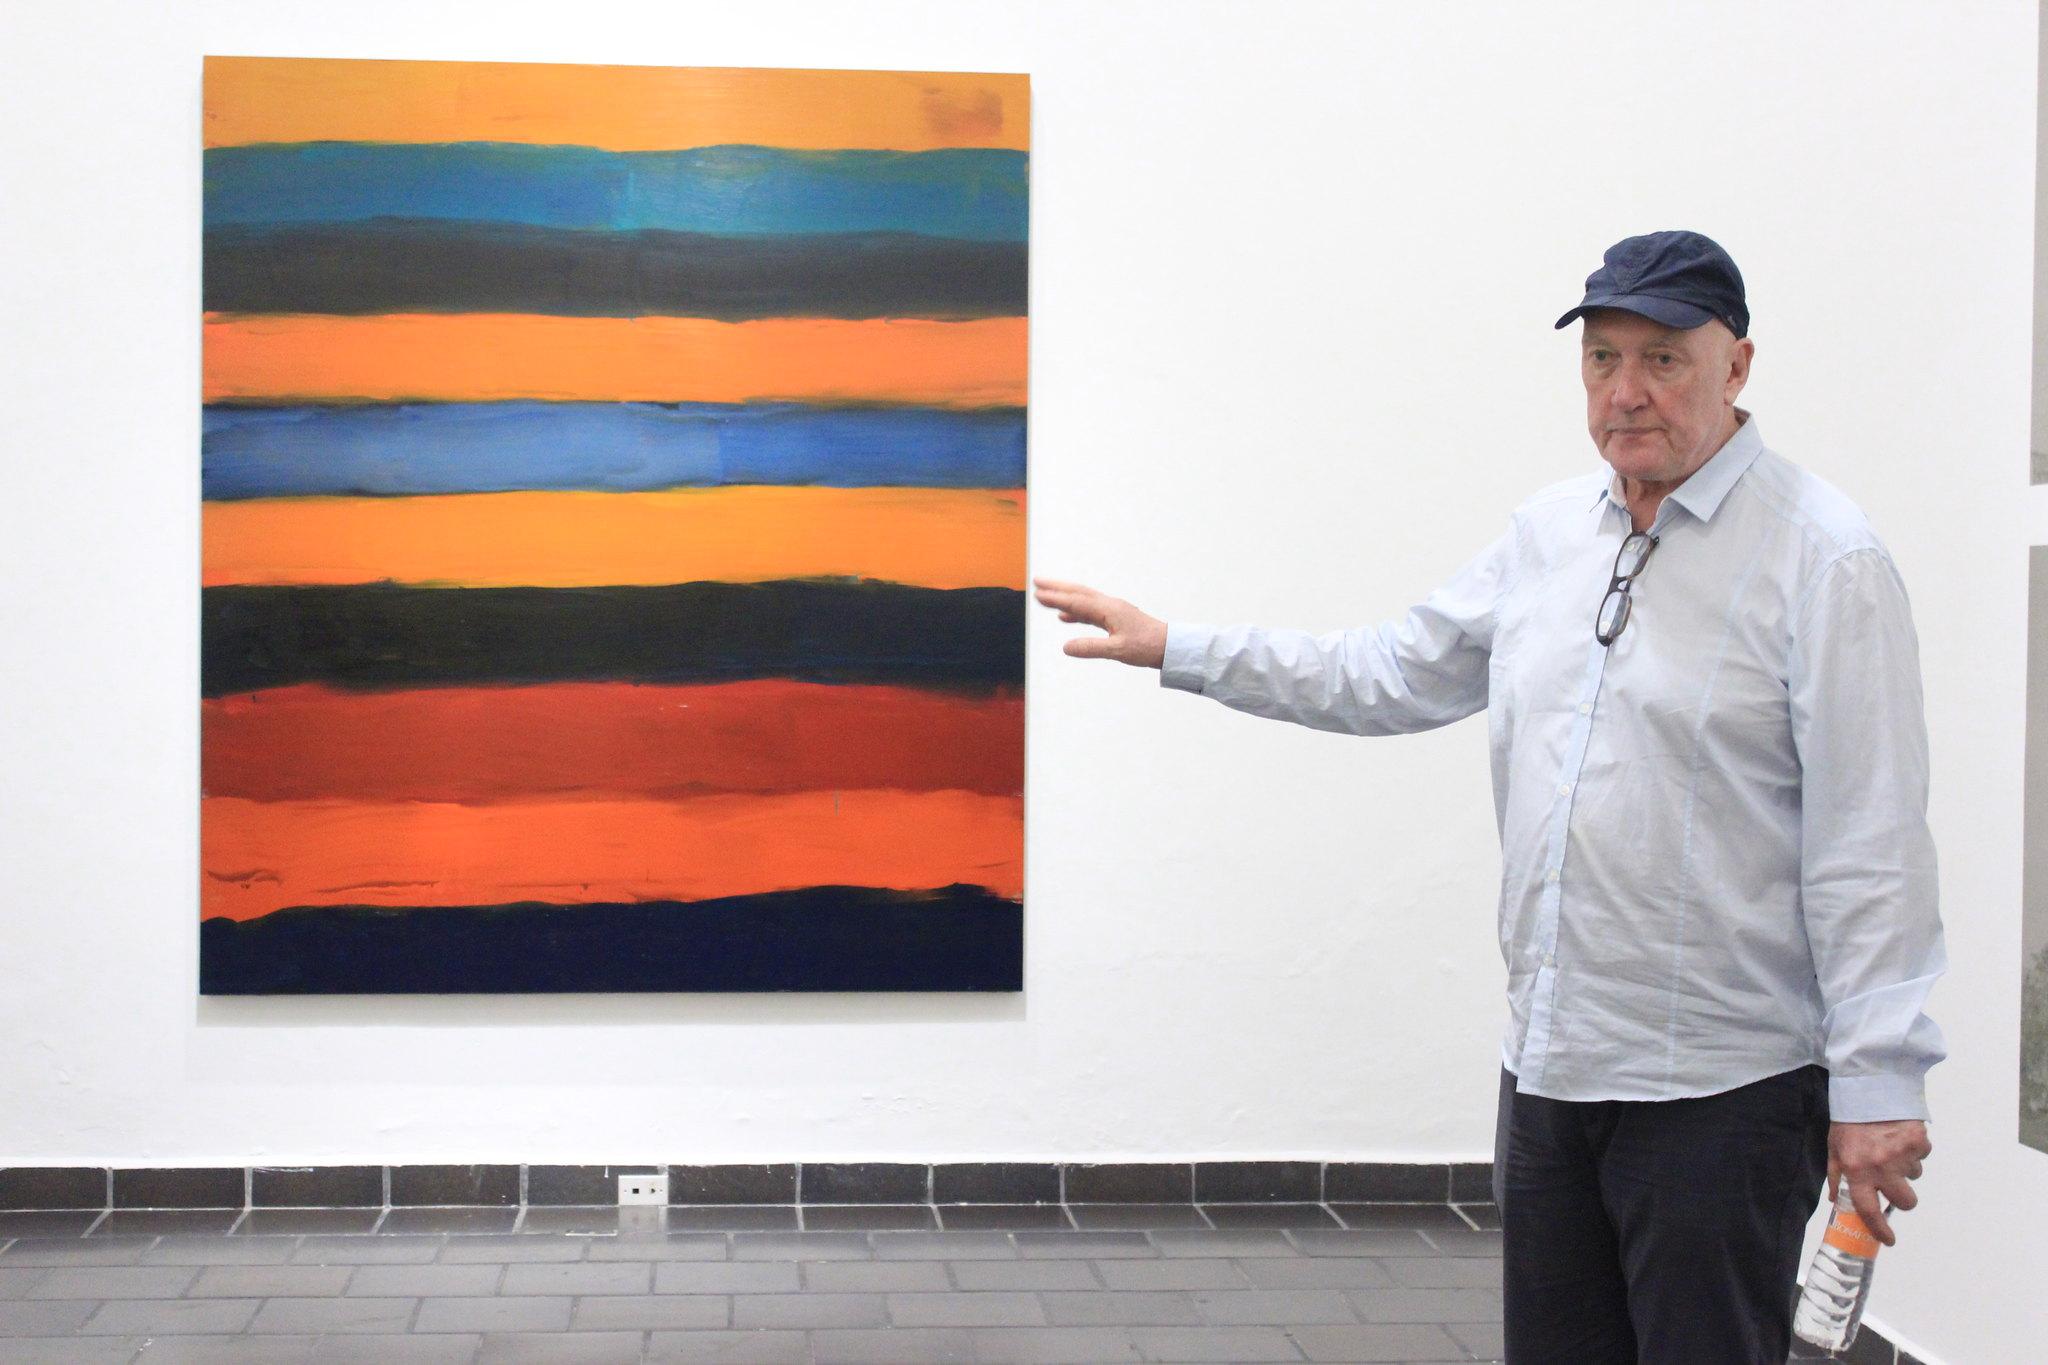 Presenta el pintor abstracto Sean Scully su obra creada en México